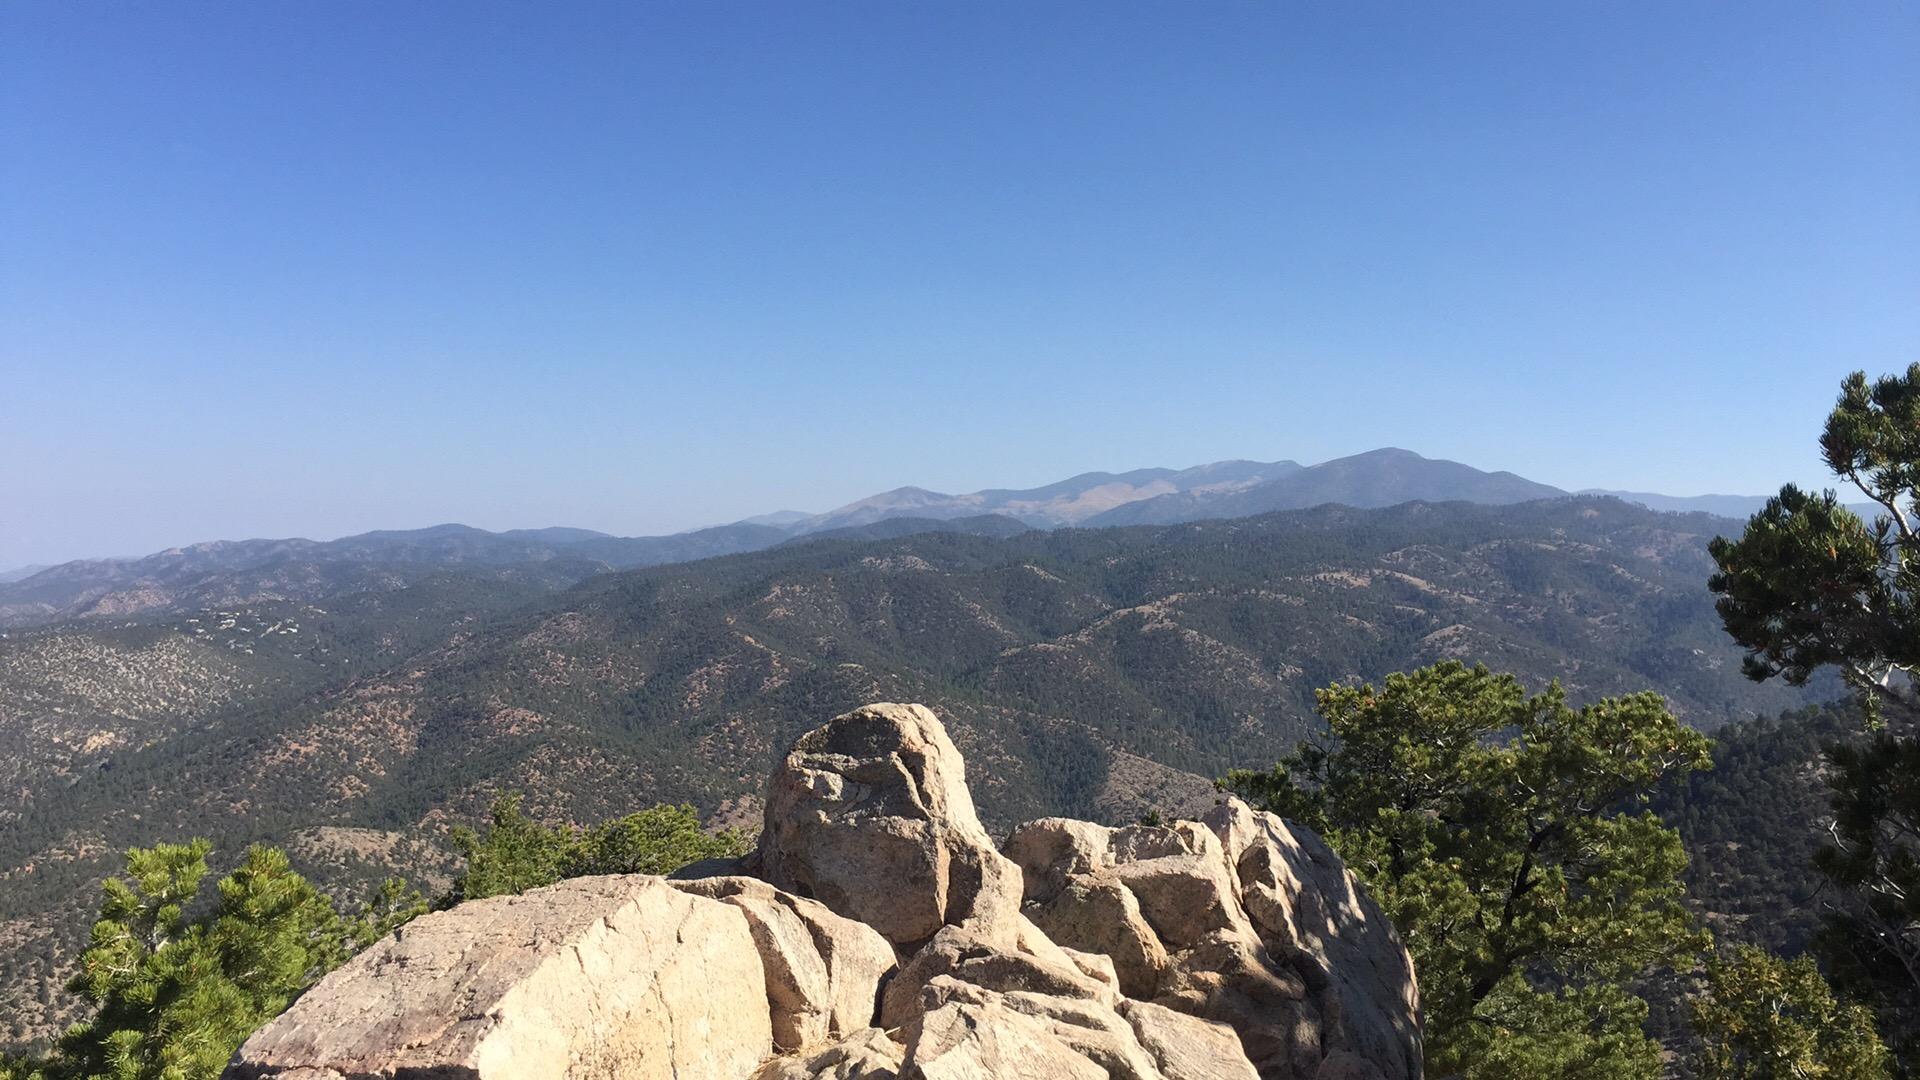 picacho peak summit view